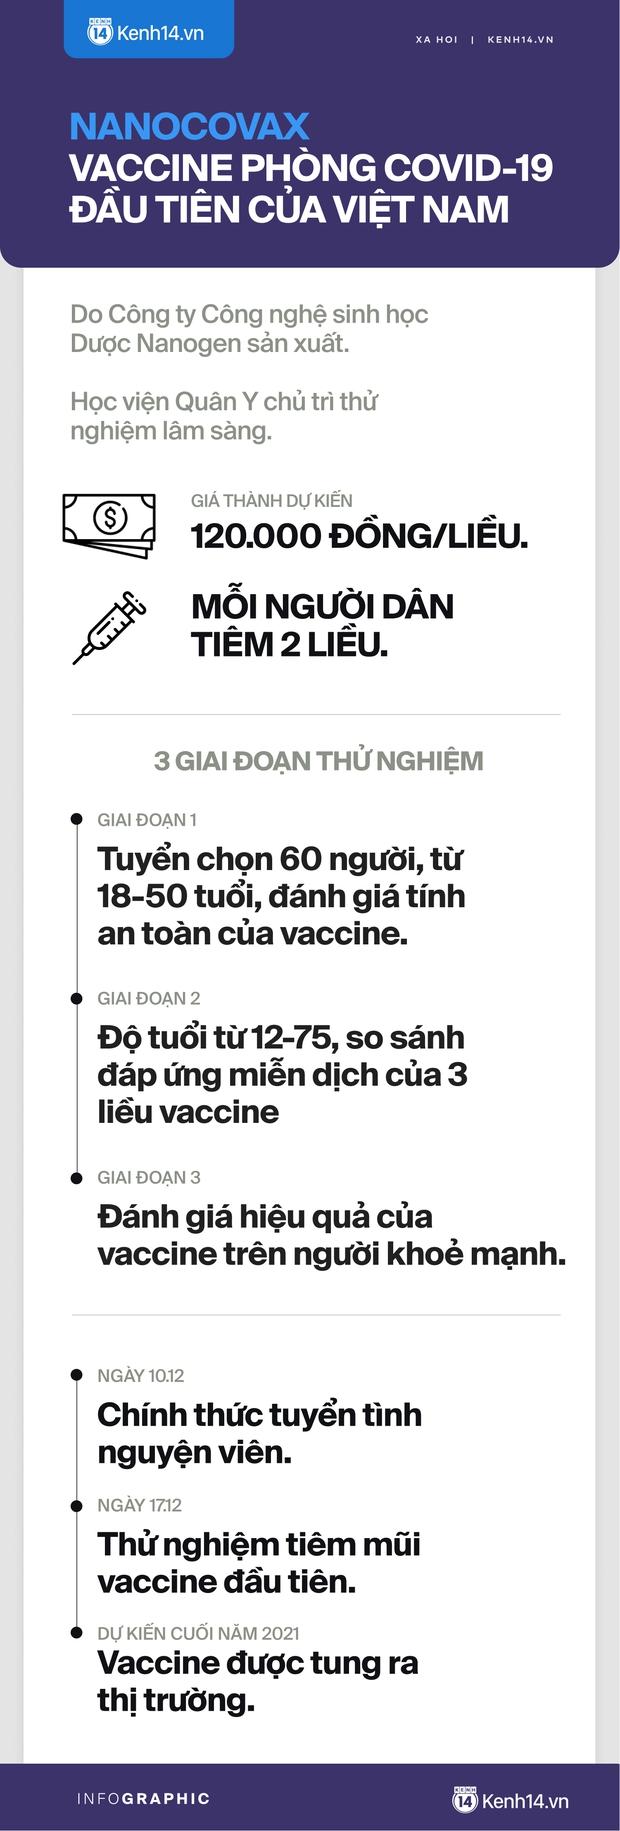 Toàn cảnh: Những điều bạn cần biết về vaccine phòng Covid-19 đầu tiên của Việt Nam - Ảnh 8.